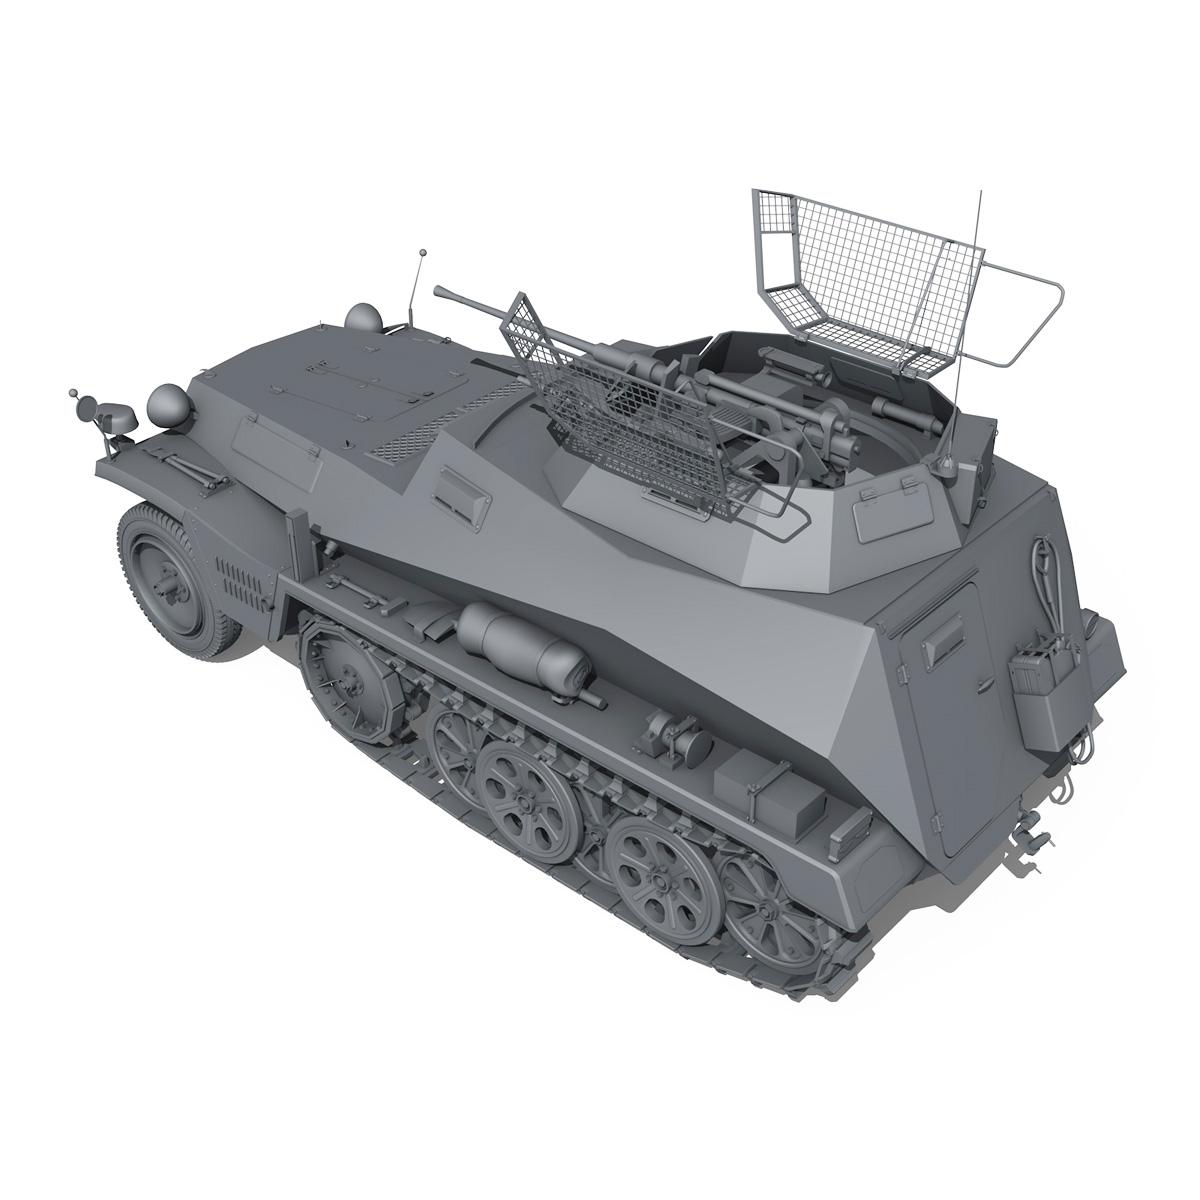 sd.kfz 250/9 – half-track reconnaissance vehicle 3d model 3ds fbx c4d lwo obj 202271